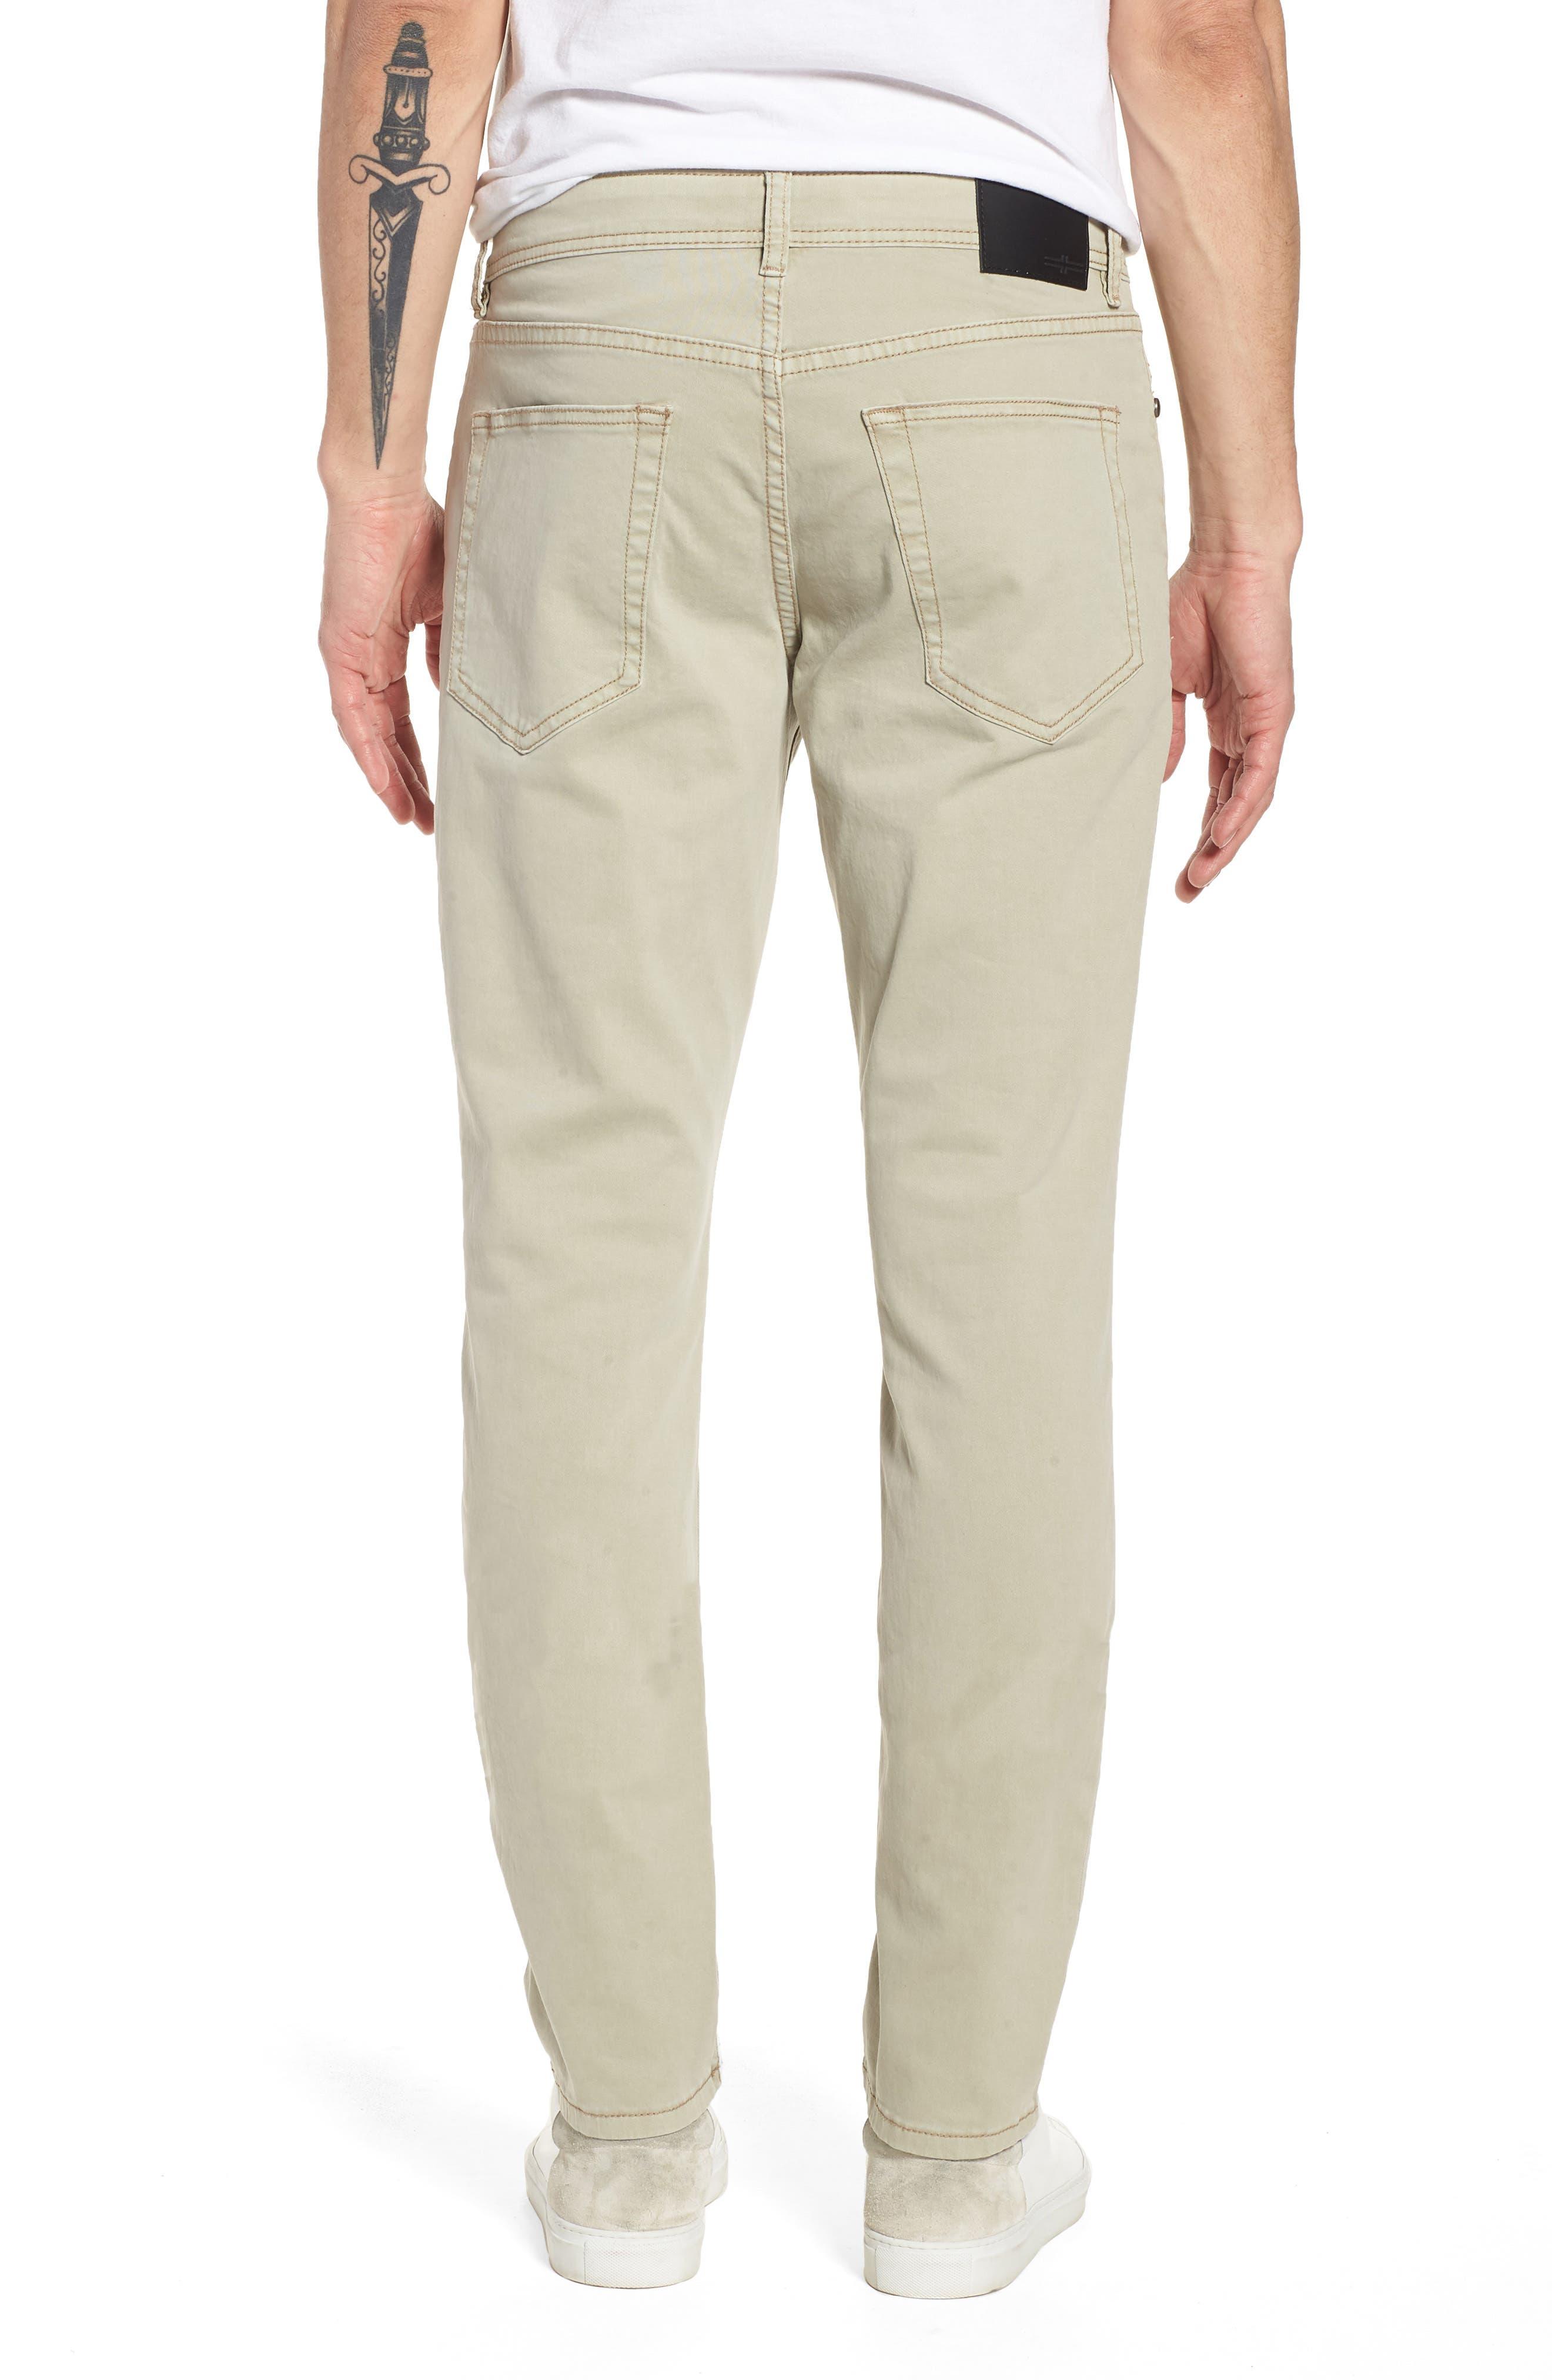 Jeans Co. Slim Straight Leg Jeans,                             Alternate thumbnail 2, color,                             Sandstrom